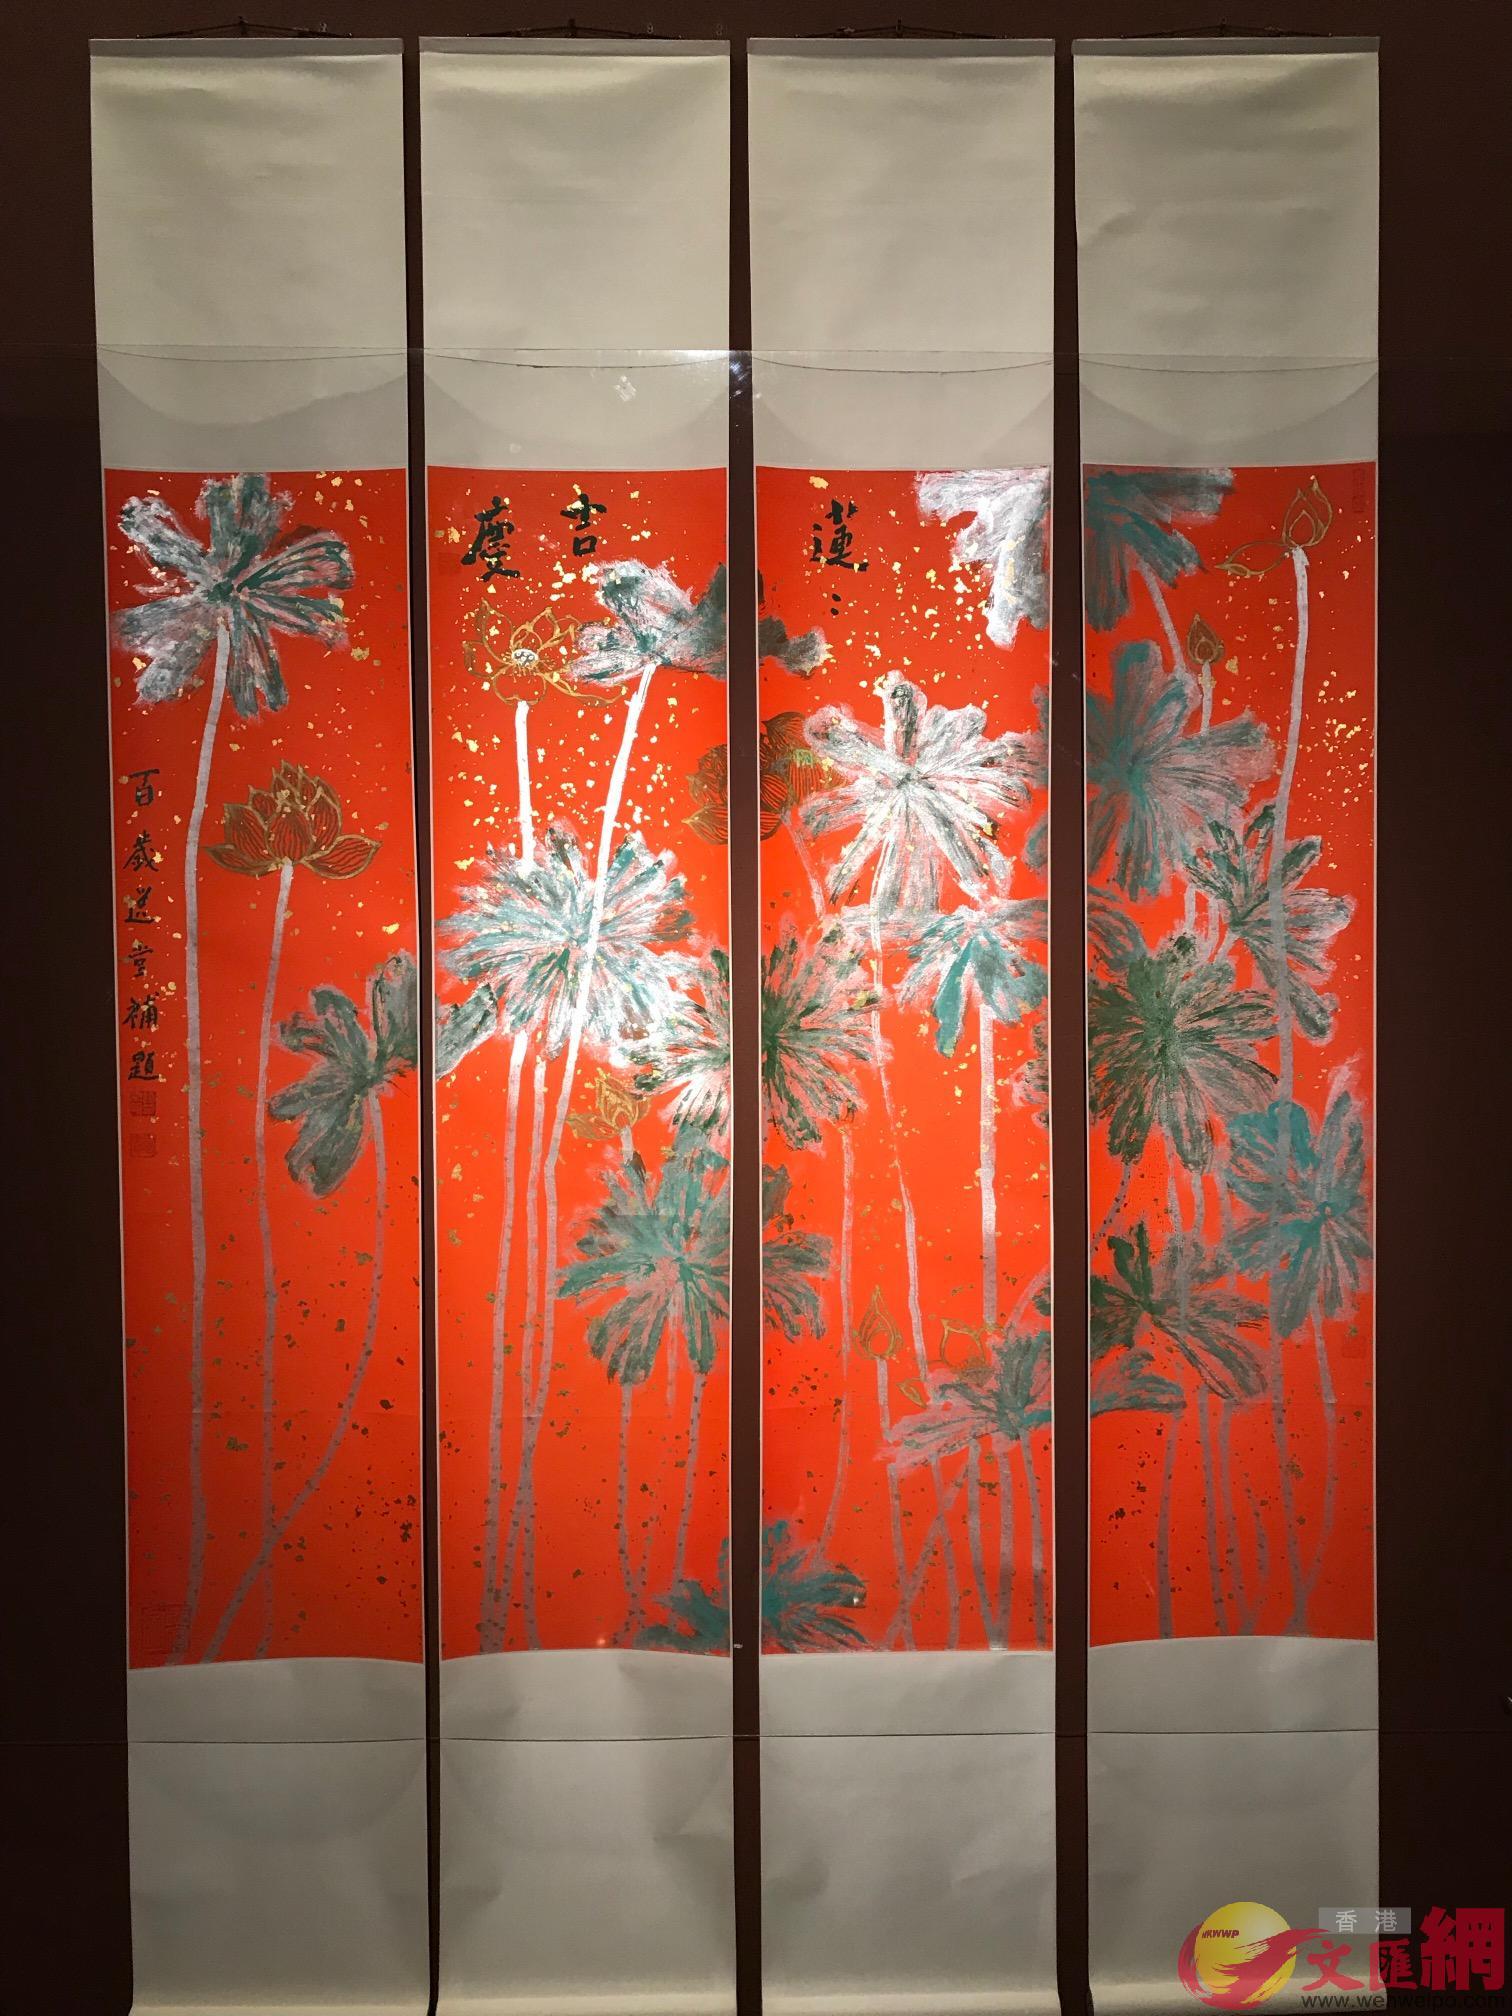 饒宗頤向美術館捐贈名為「蓮蓮慶吉」的畫作